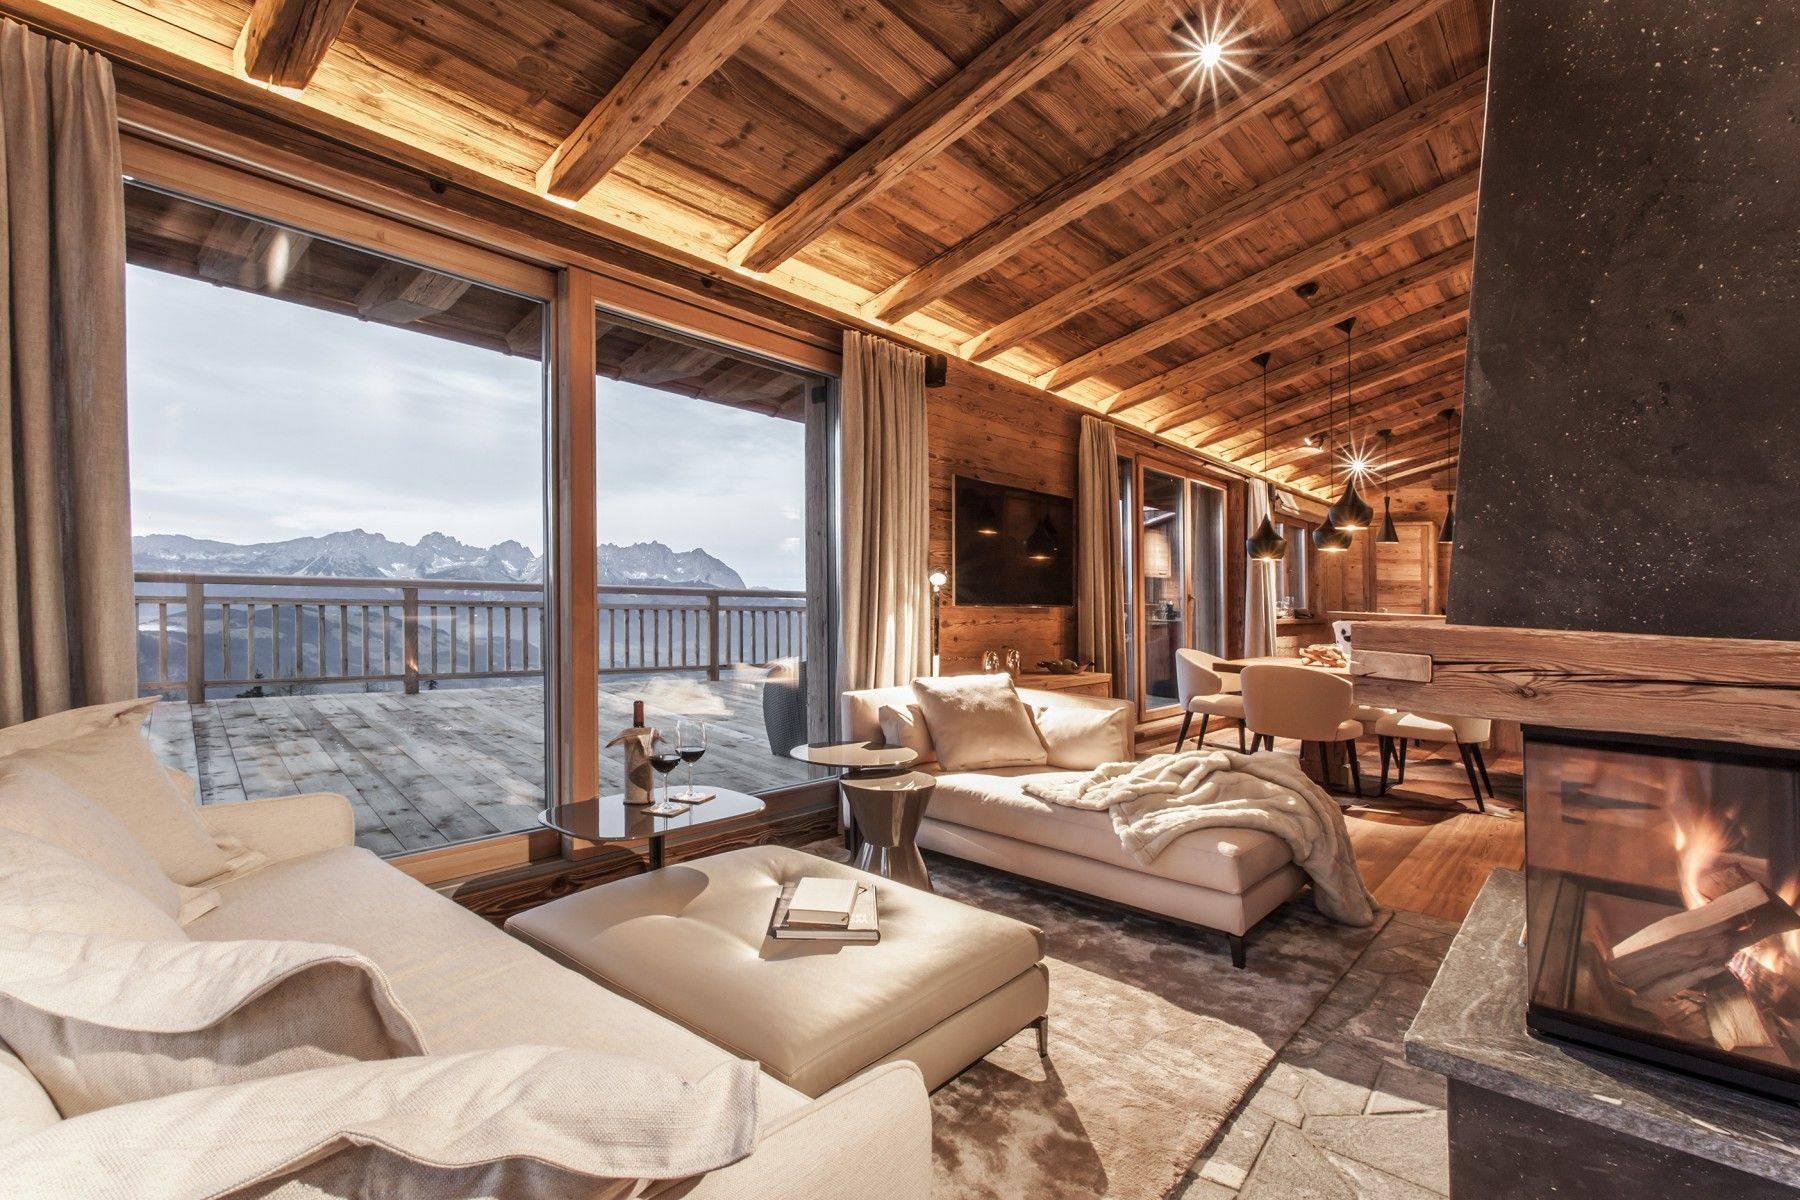 wohnzimmer ideen chalet lovely erstaunliche winter chalets fur se saison of wohnzimmer ideen chalet